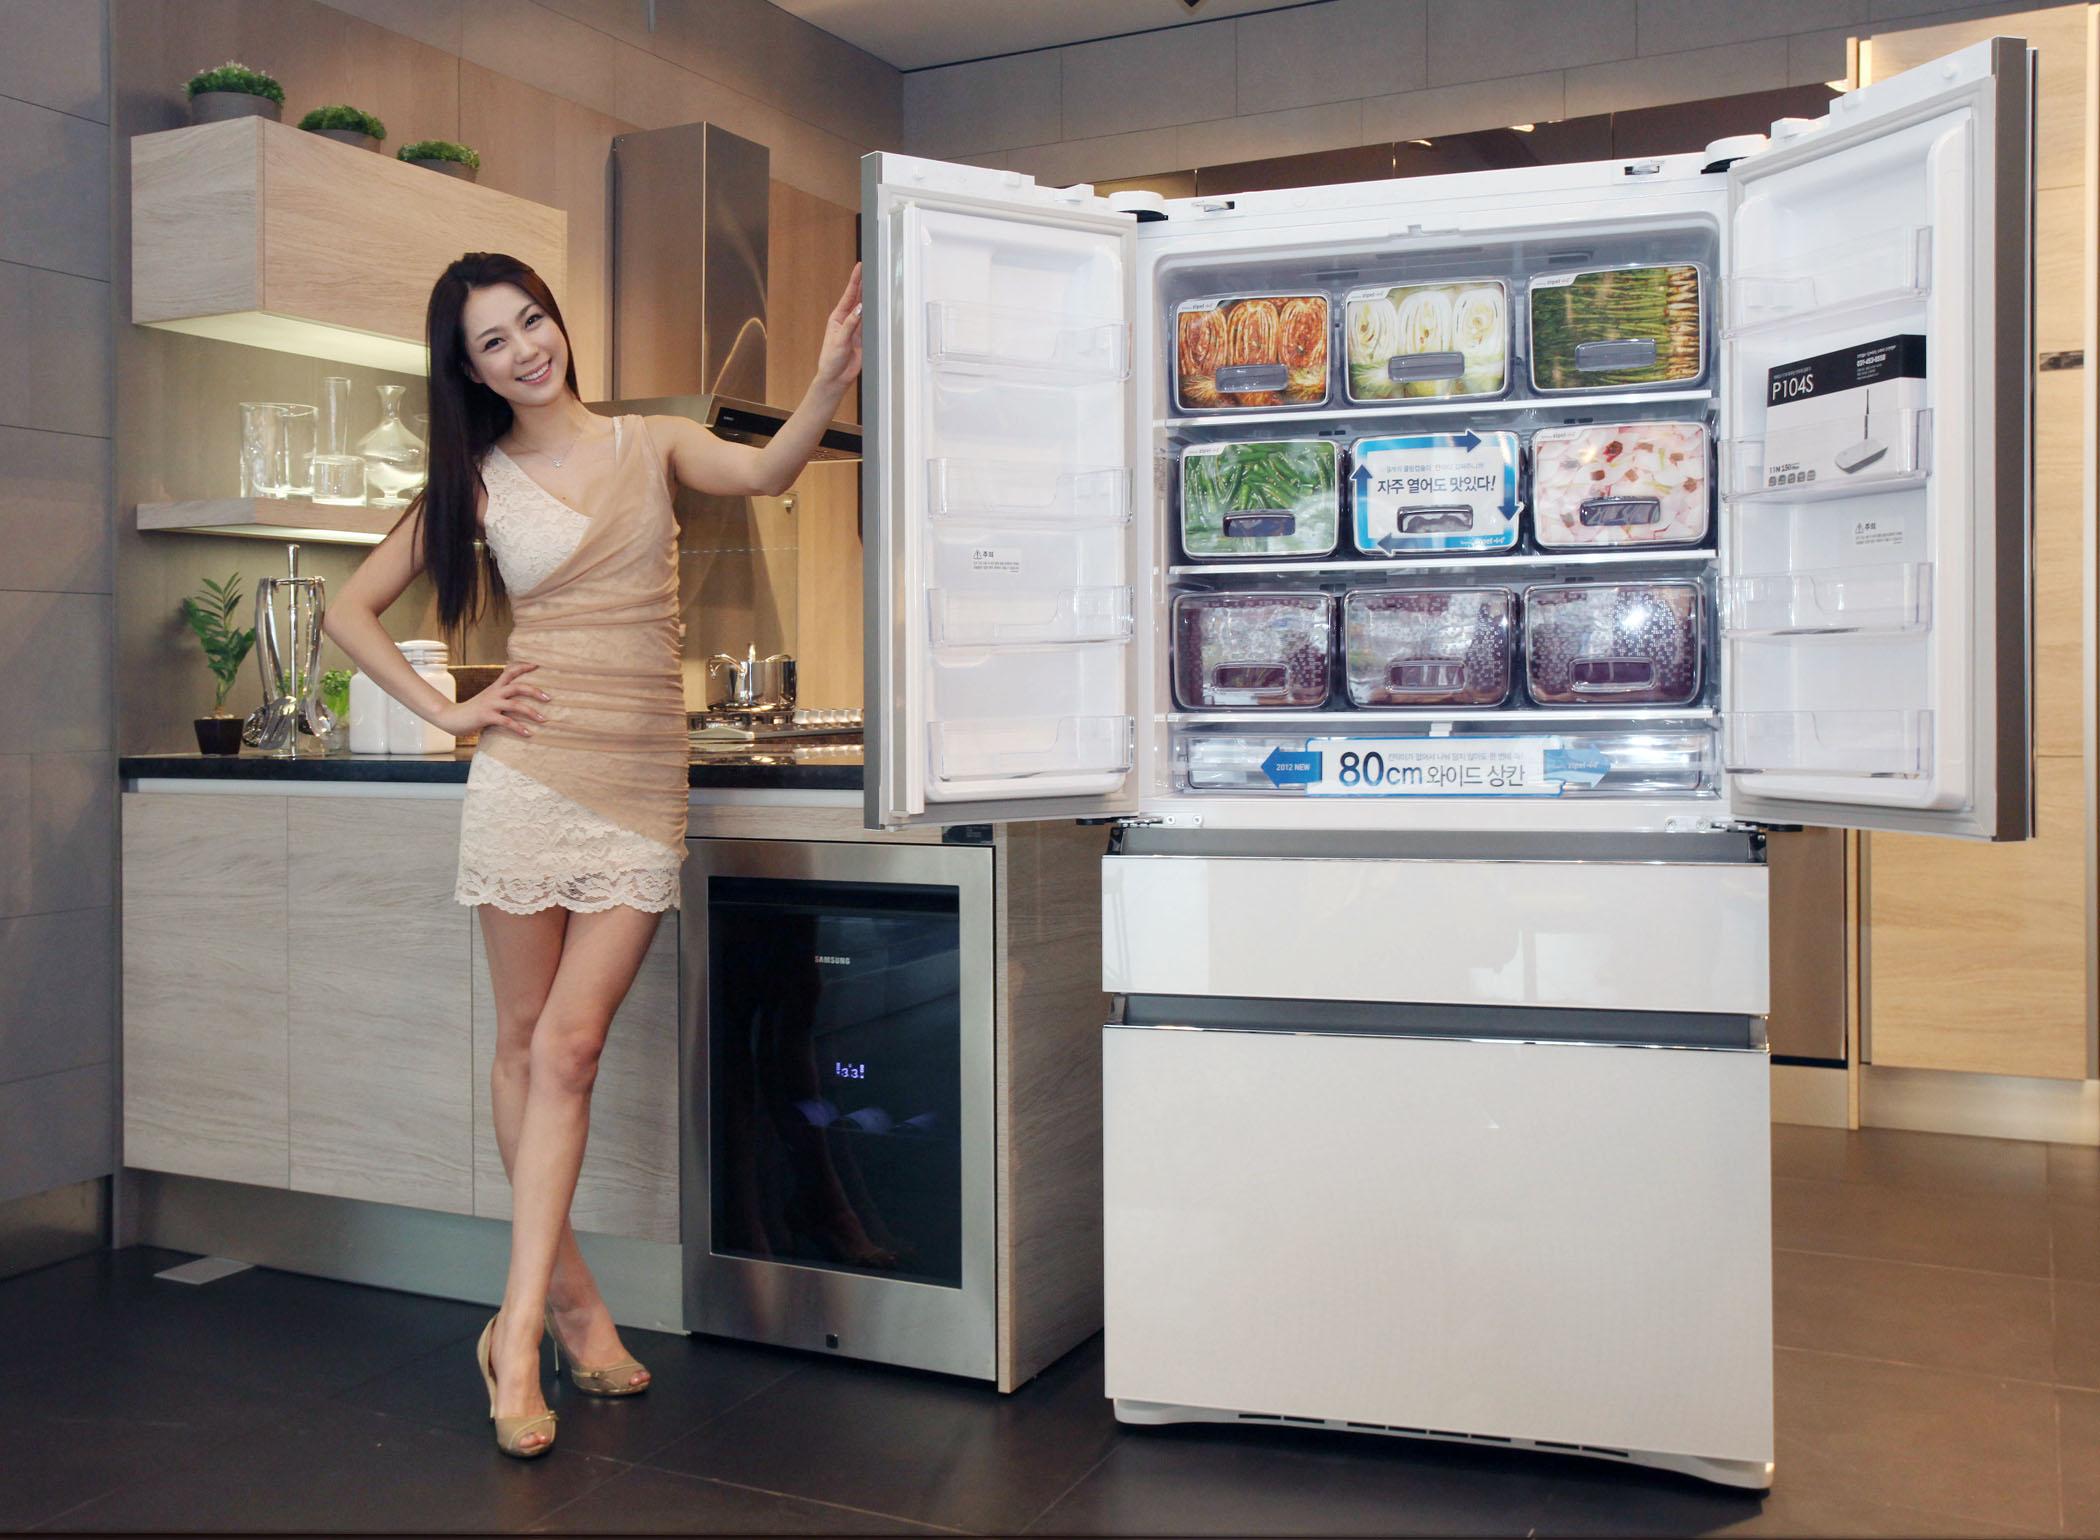 지펠 아삭 김치냉장고와 모델